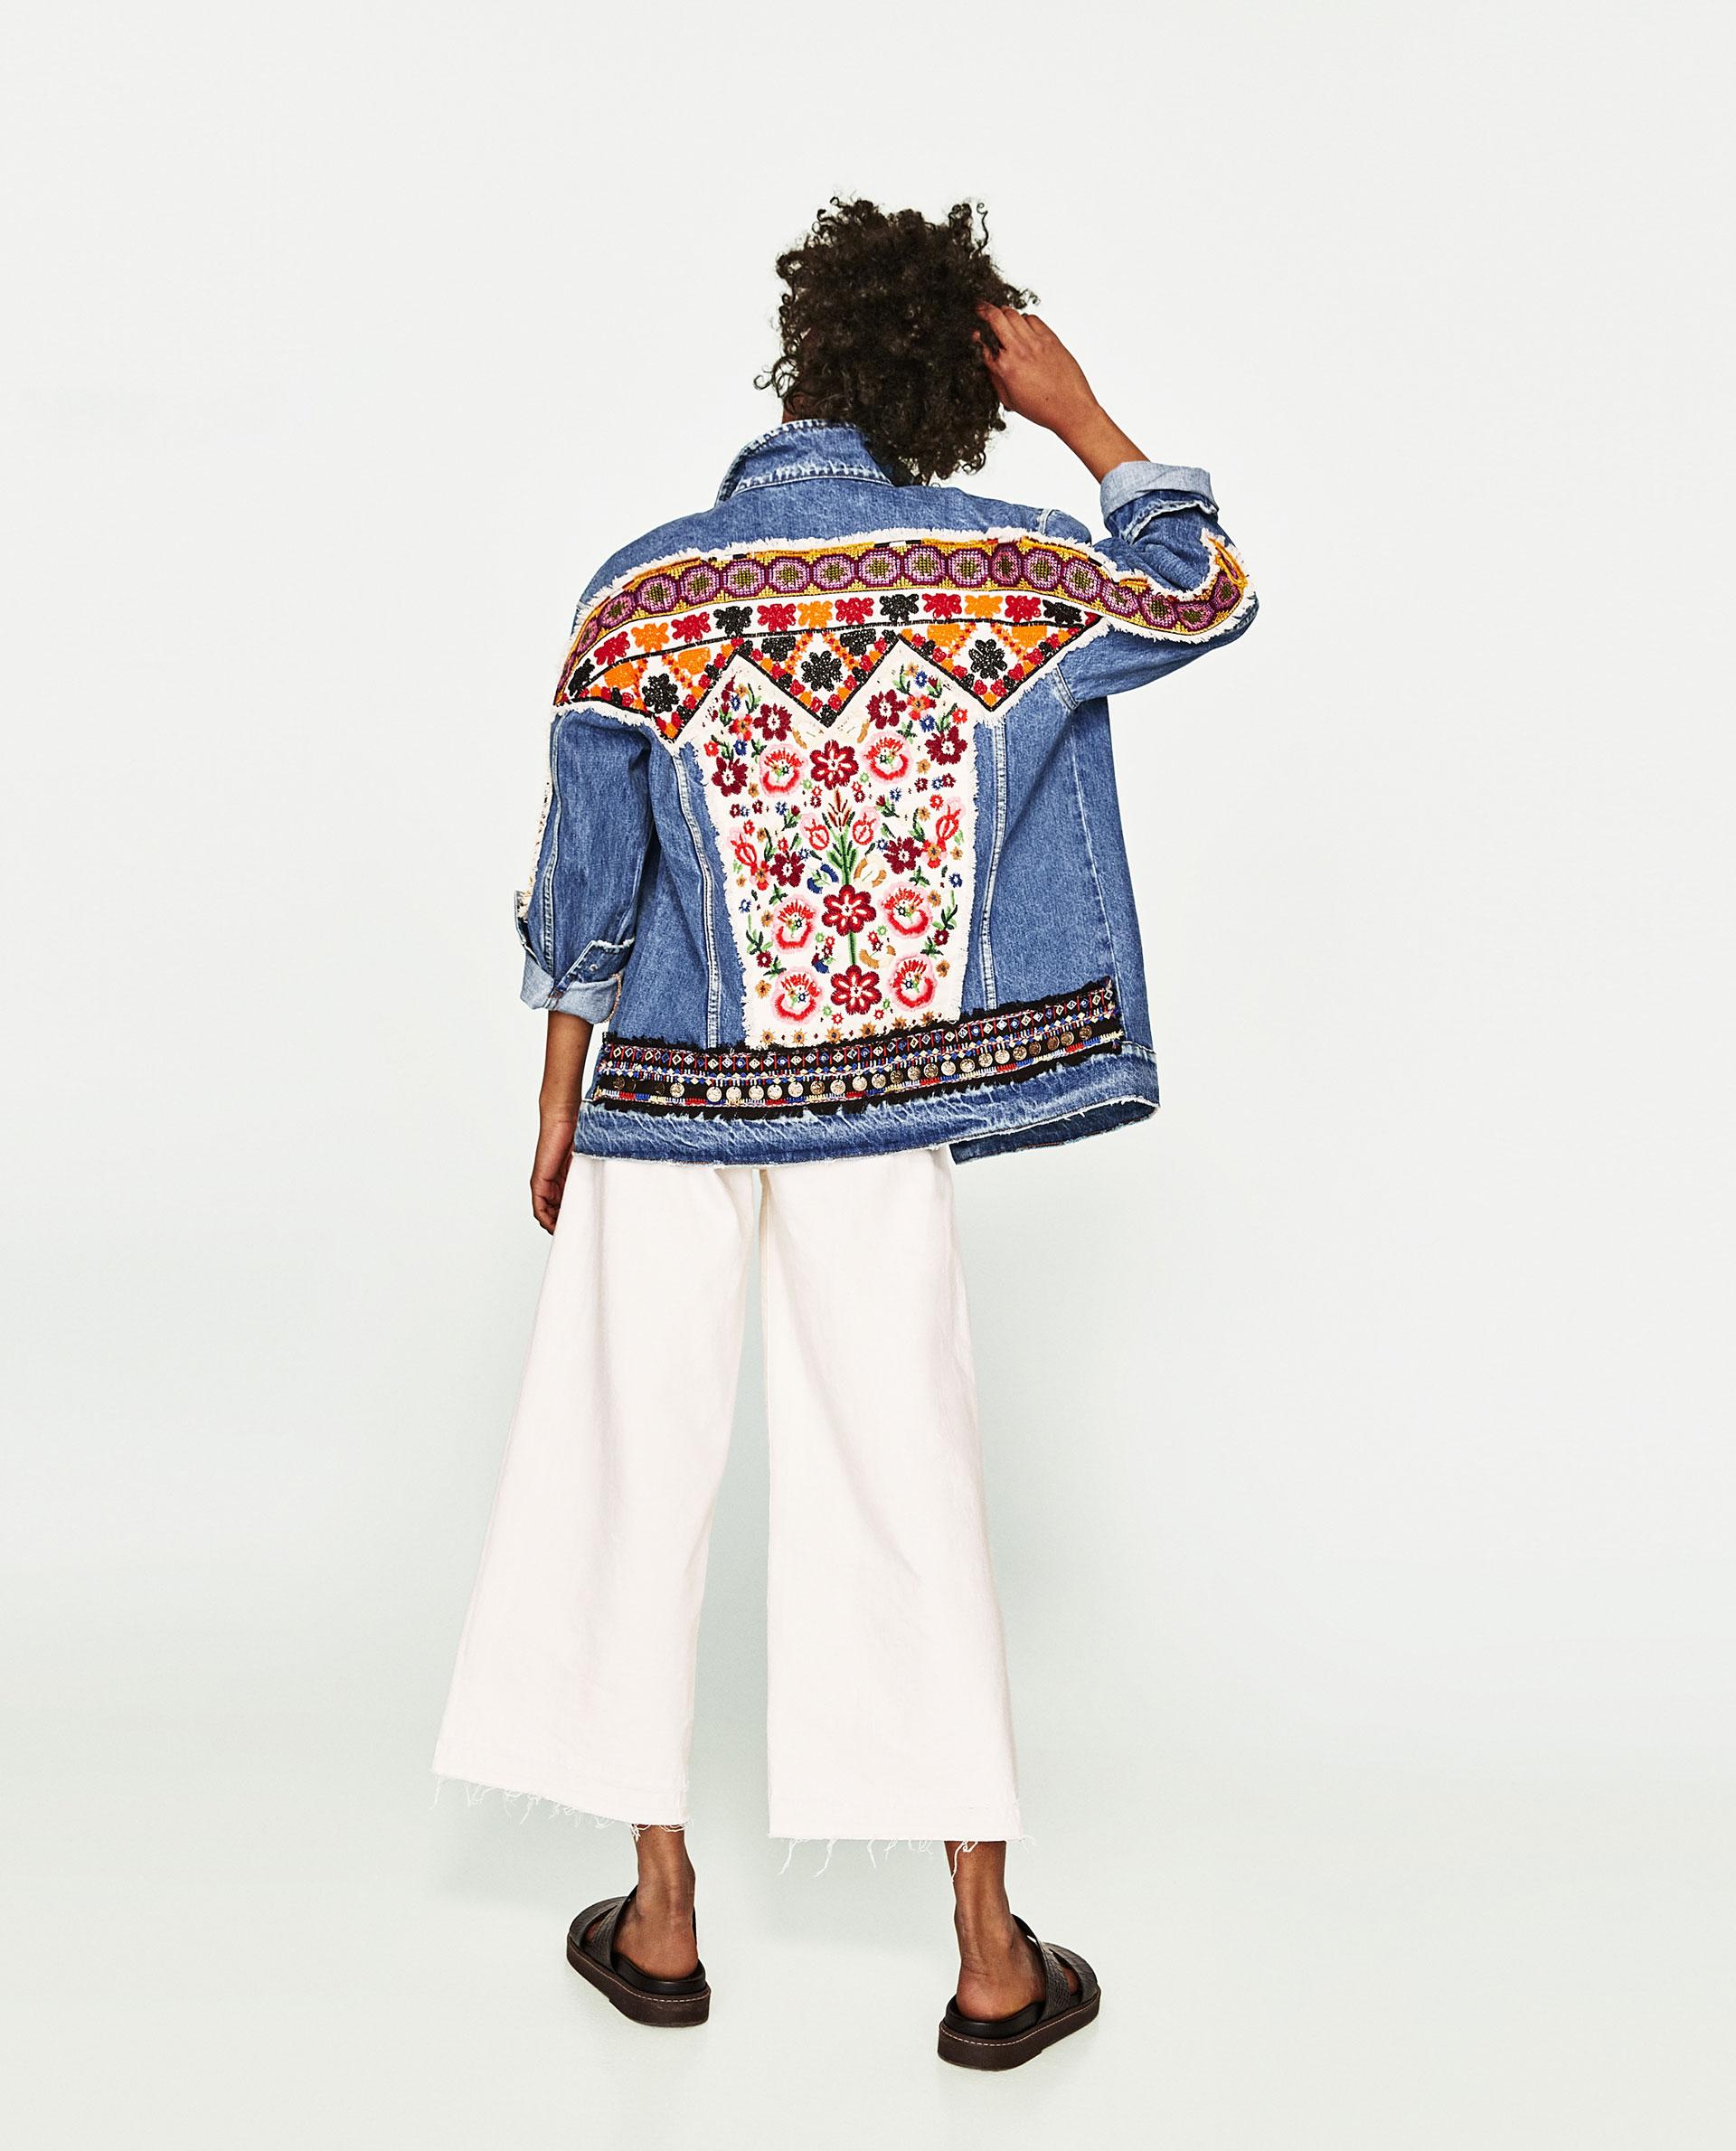 jeans jacket back on track childscloset. Black Bedroom Furniture Sets. Home Design Ideas